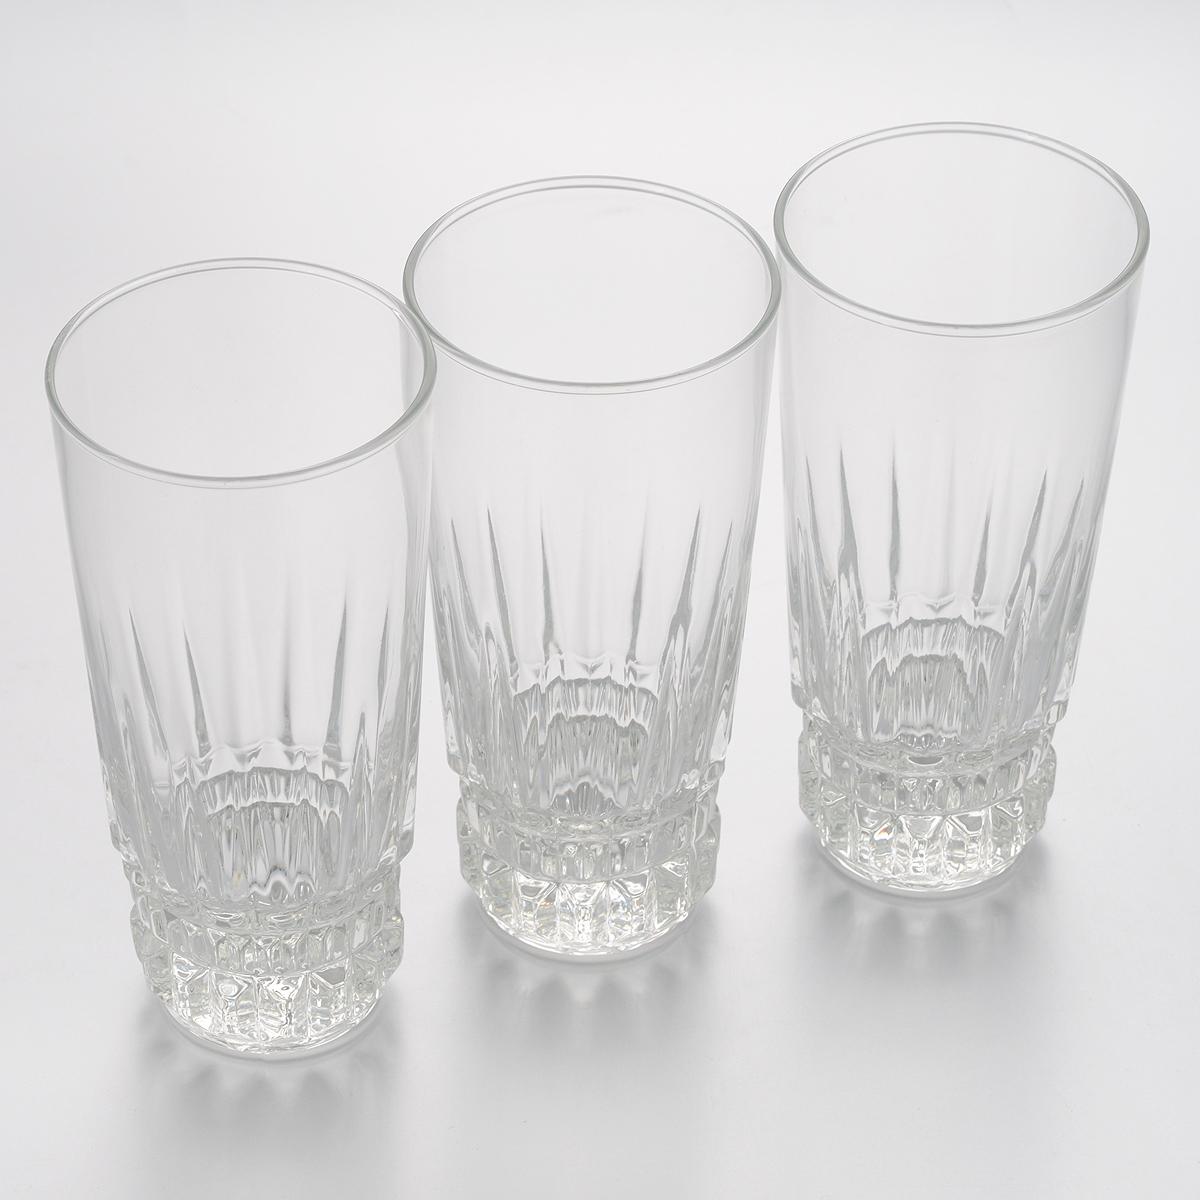 Набор стаканов Luminarc Imperator, 310 мл, 3 штE5182Набор Luminarc Imperator состоит из трех стаканов, выполненных из высококачественного стекла.Изделия предназначены для подачи воды и других безалкогольных напитков. Они отличаютсяособой легкостью ипрочностью, излучают приятный блеск и издают мелодичный хрустальный звон.Стаканы станут идеальным украшением праздничного стола и отличным подарком к любомупразднику.Диаметр стакана (по верхнему краю): 7 см.Высота: 15 см.